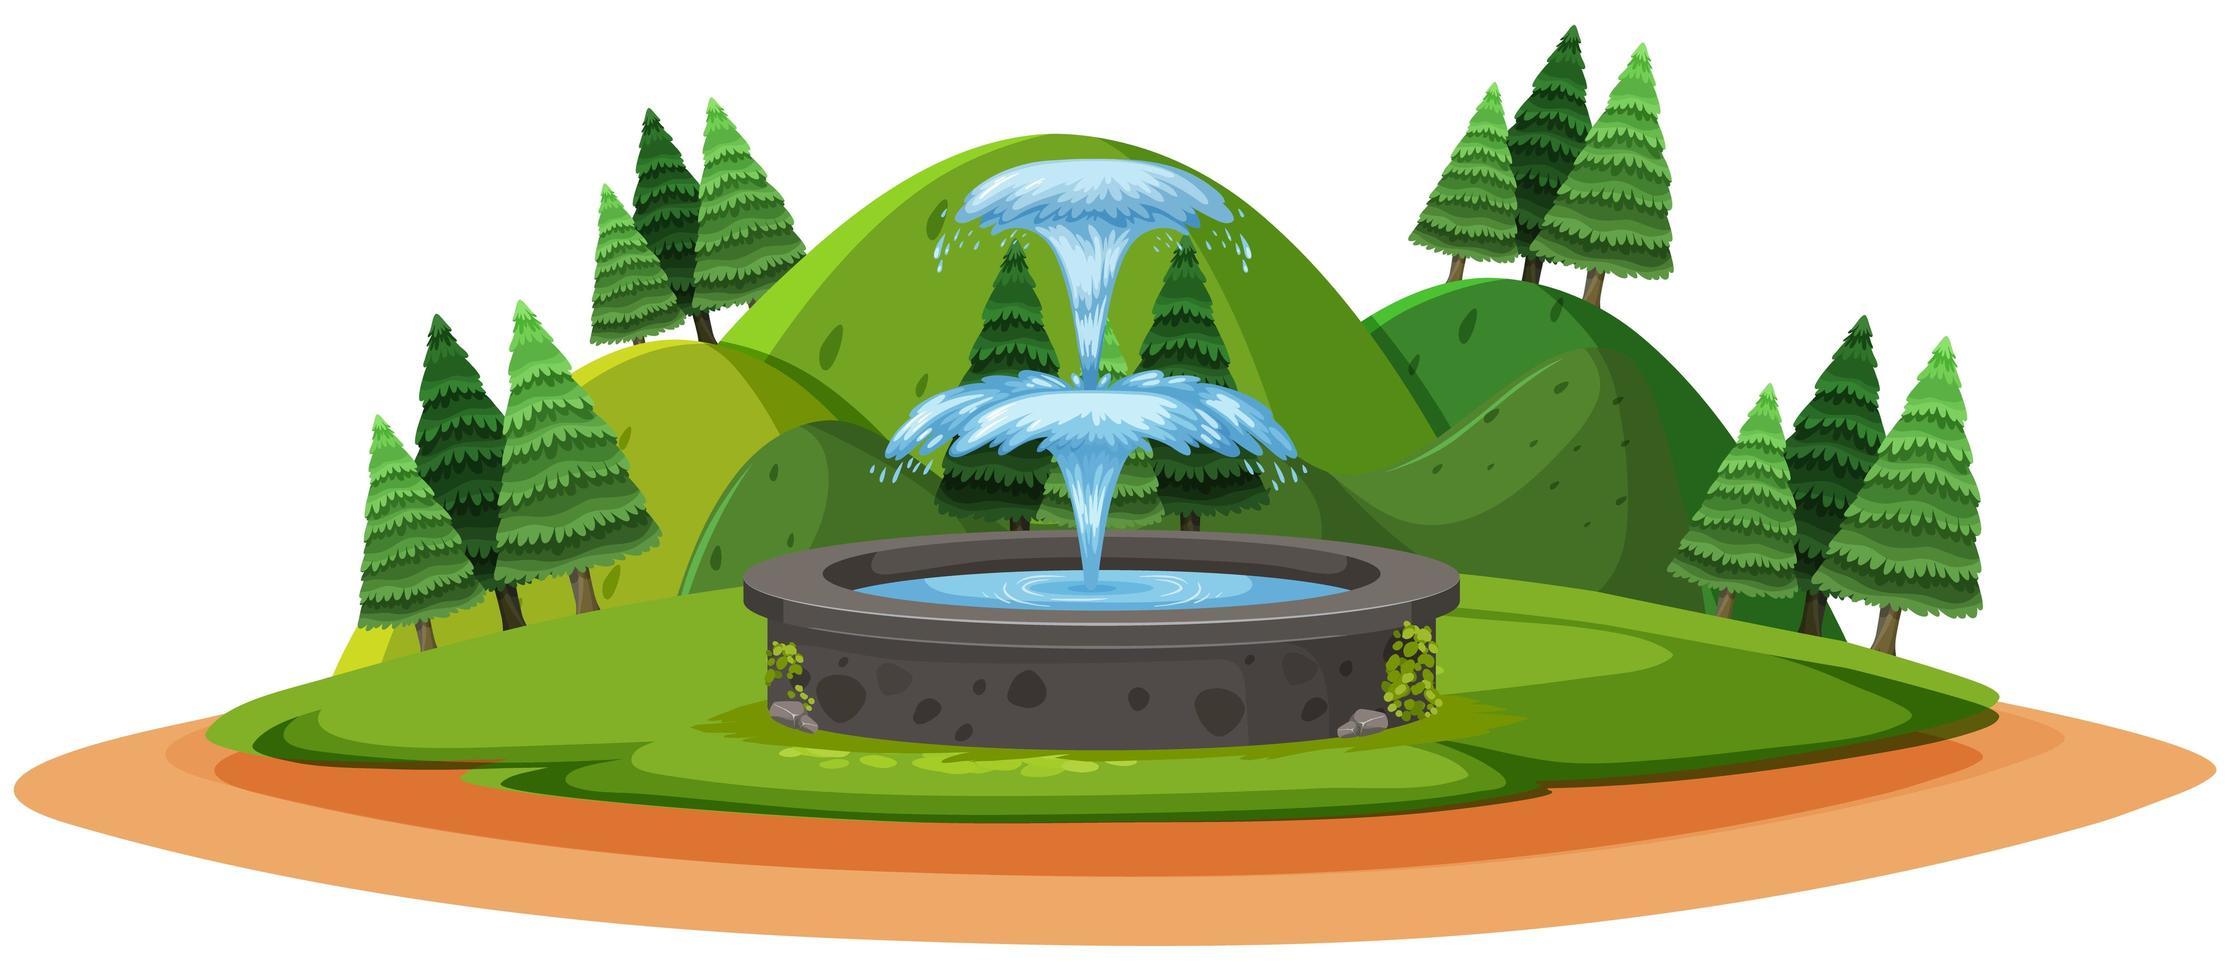 fuente en el bosque estilo de dibujos animados de dibujos animados sobre fondo blanco vector